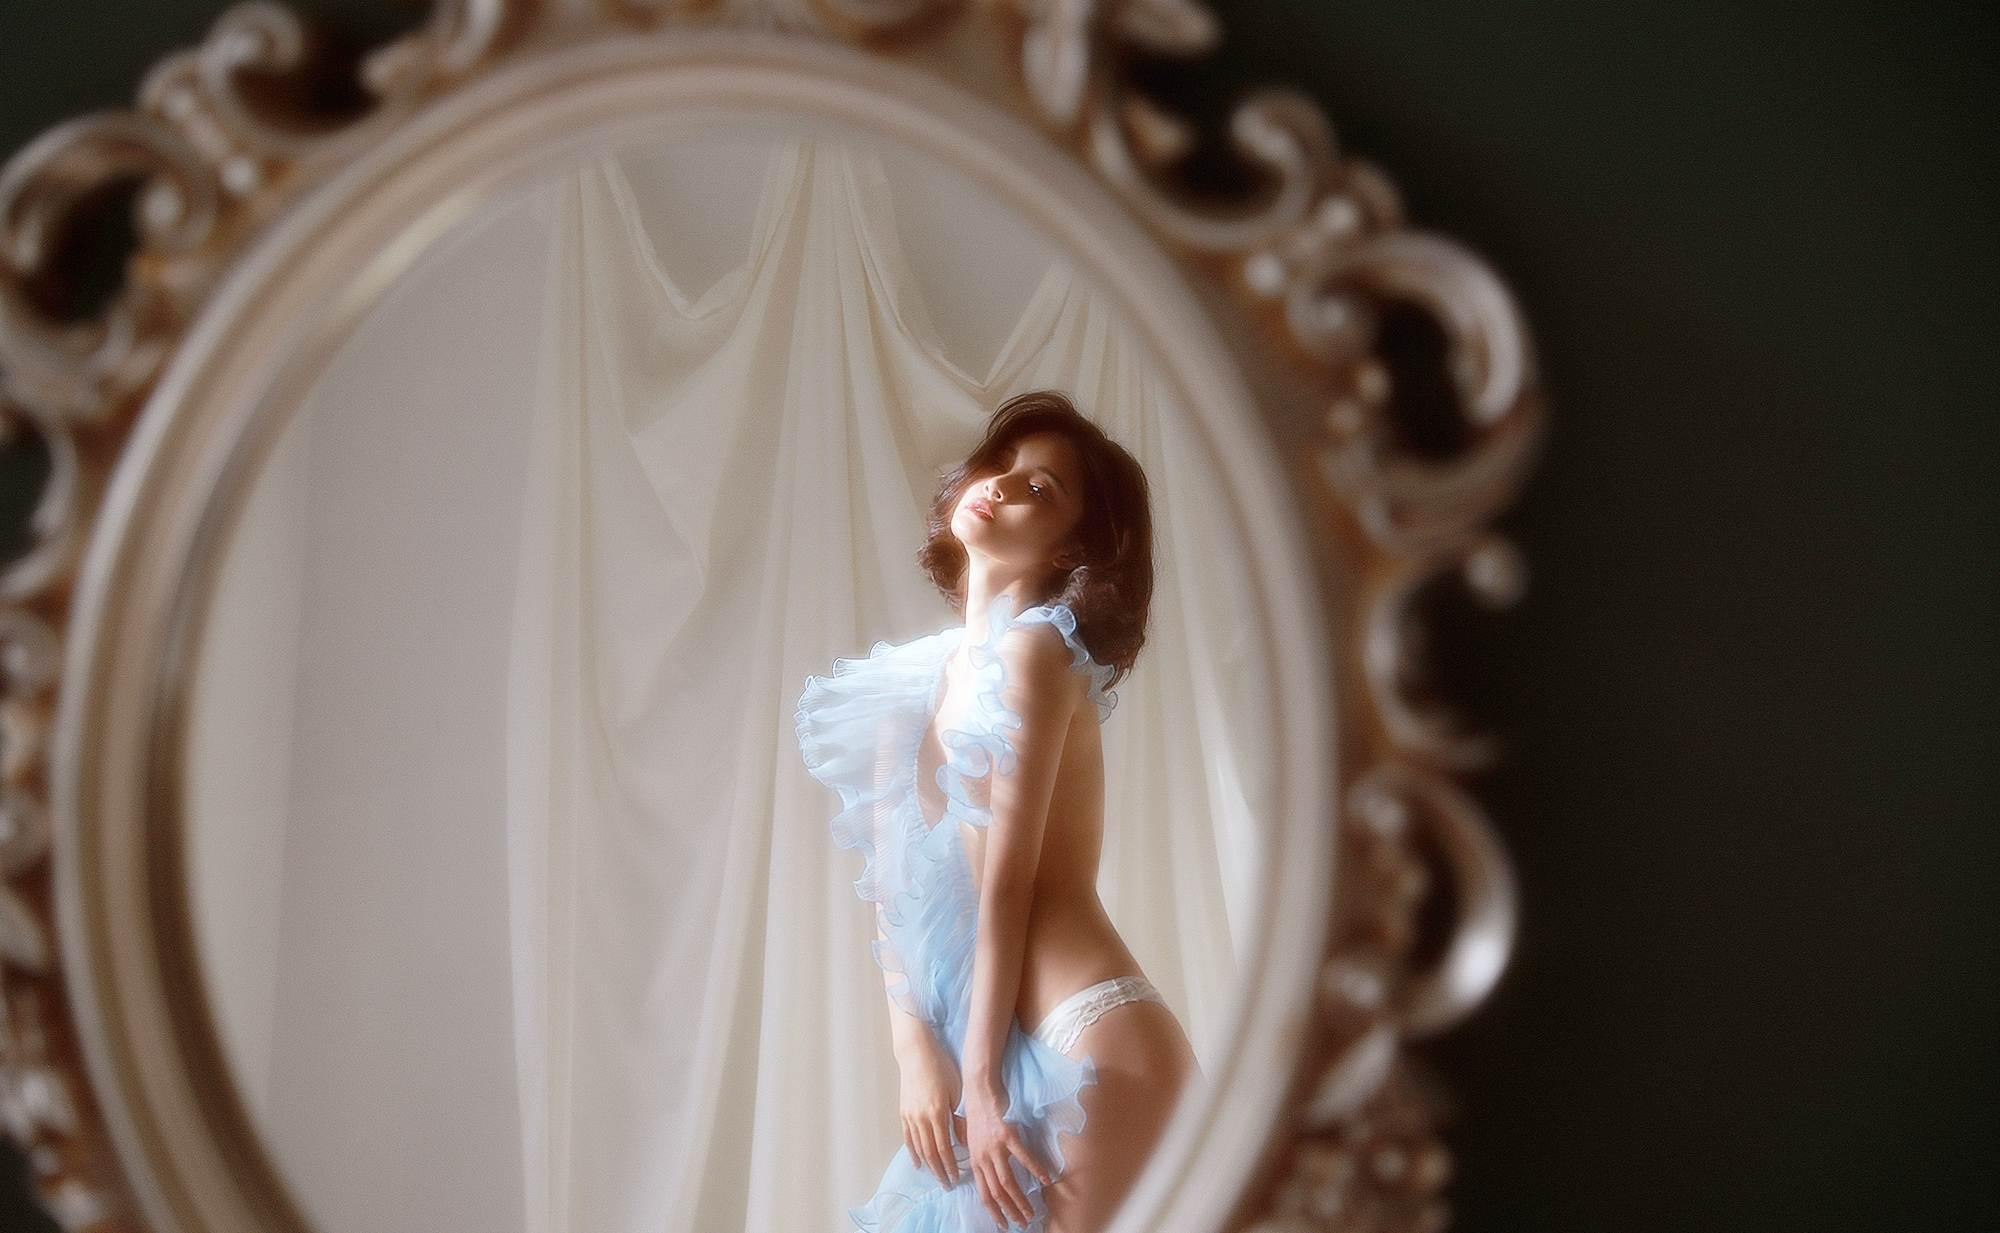 Phía sau hậu trường những bộ ảnh thời trang mãn nhãn của giới trẻ Trung Quốc - ảnh 3